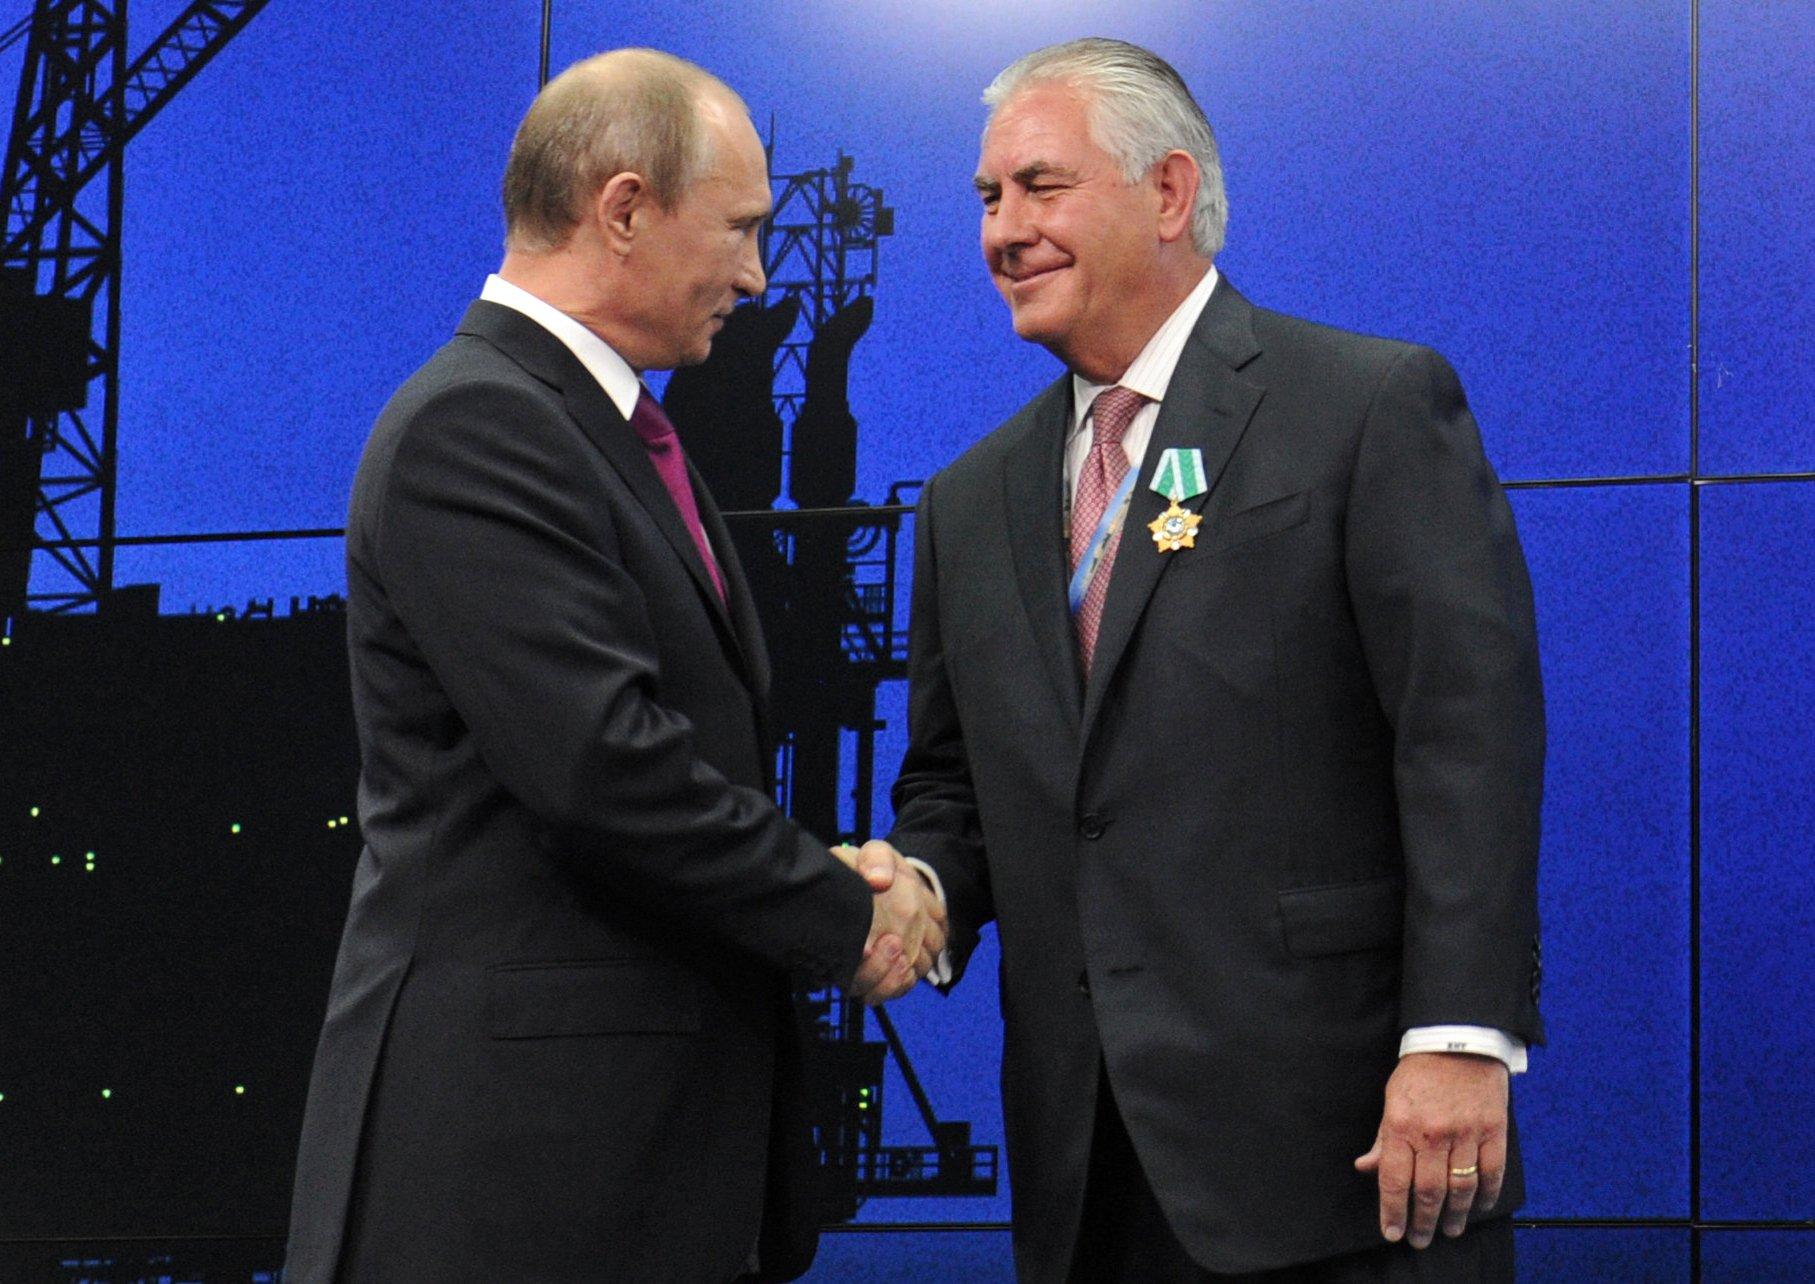 Правительство США уже шло на уступки Exxon Mobil. Фото: businessinsider.com